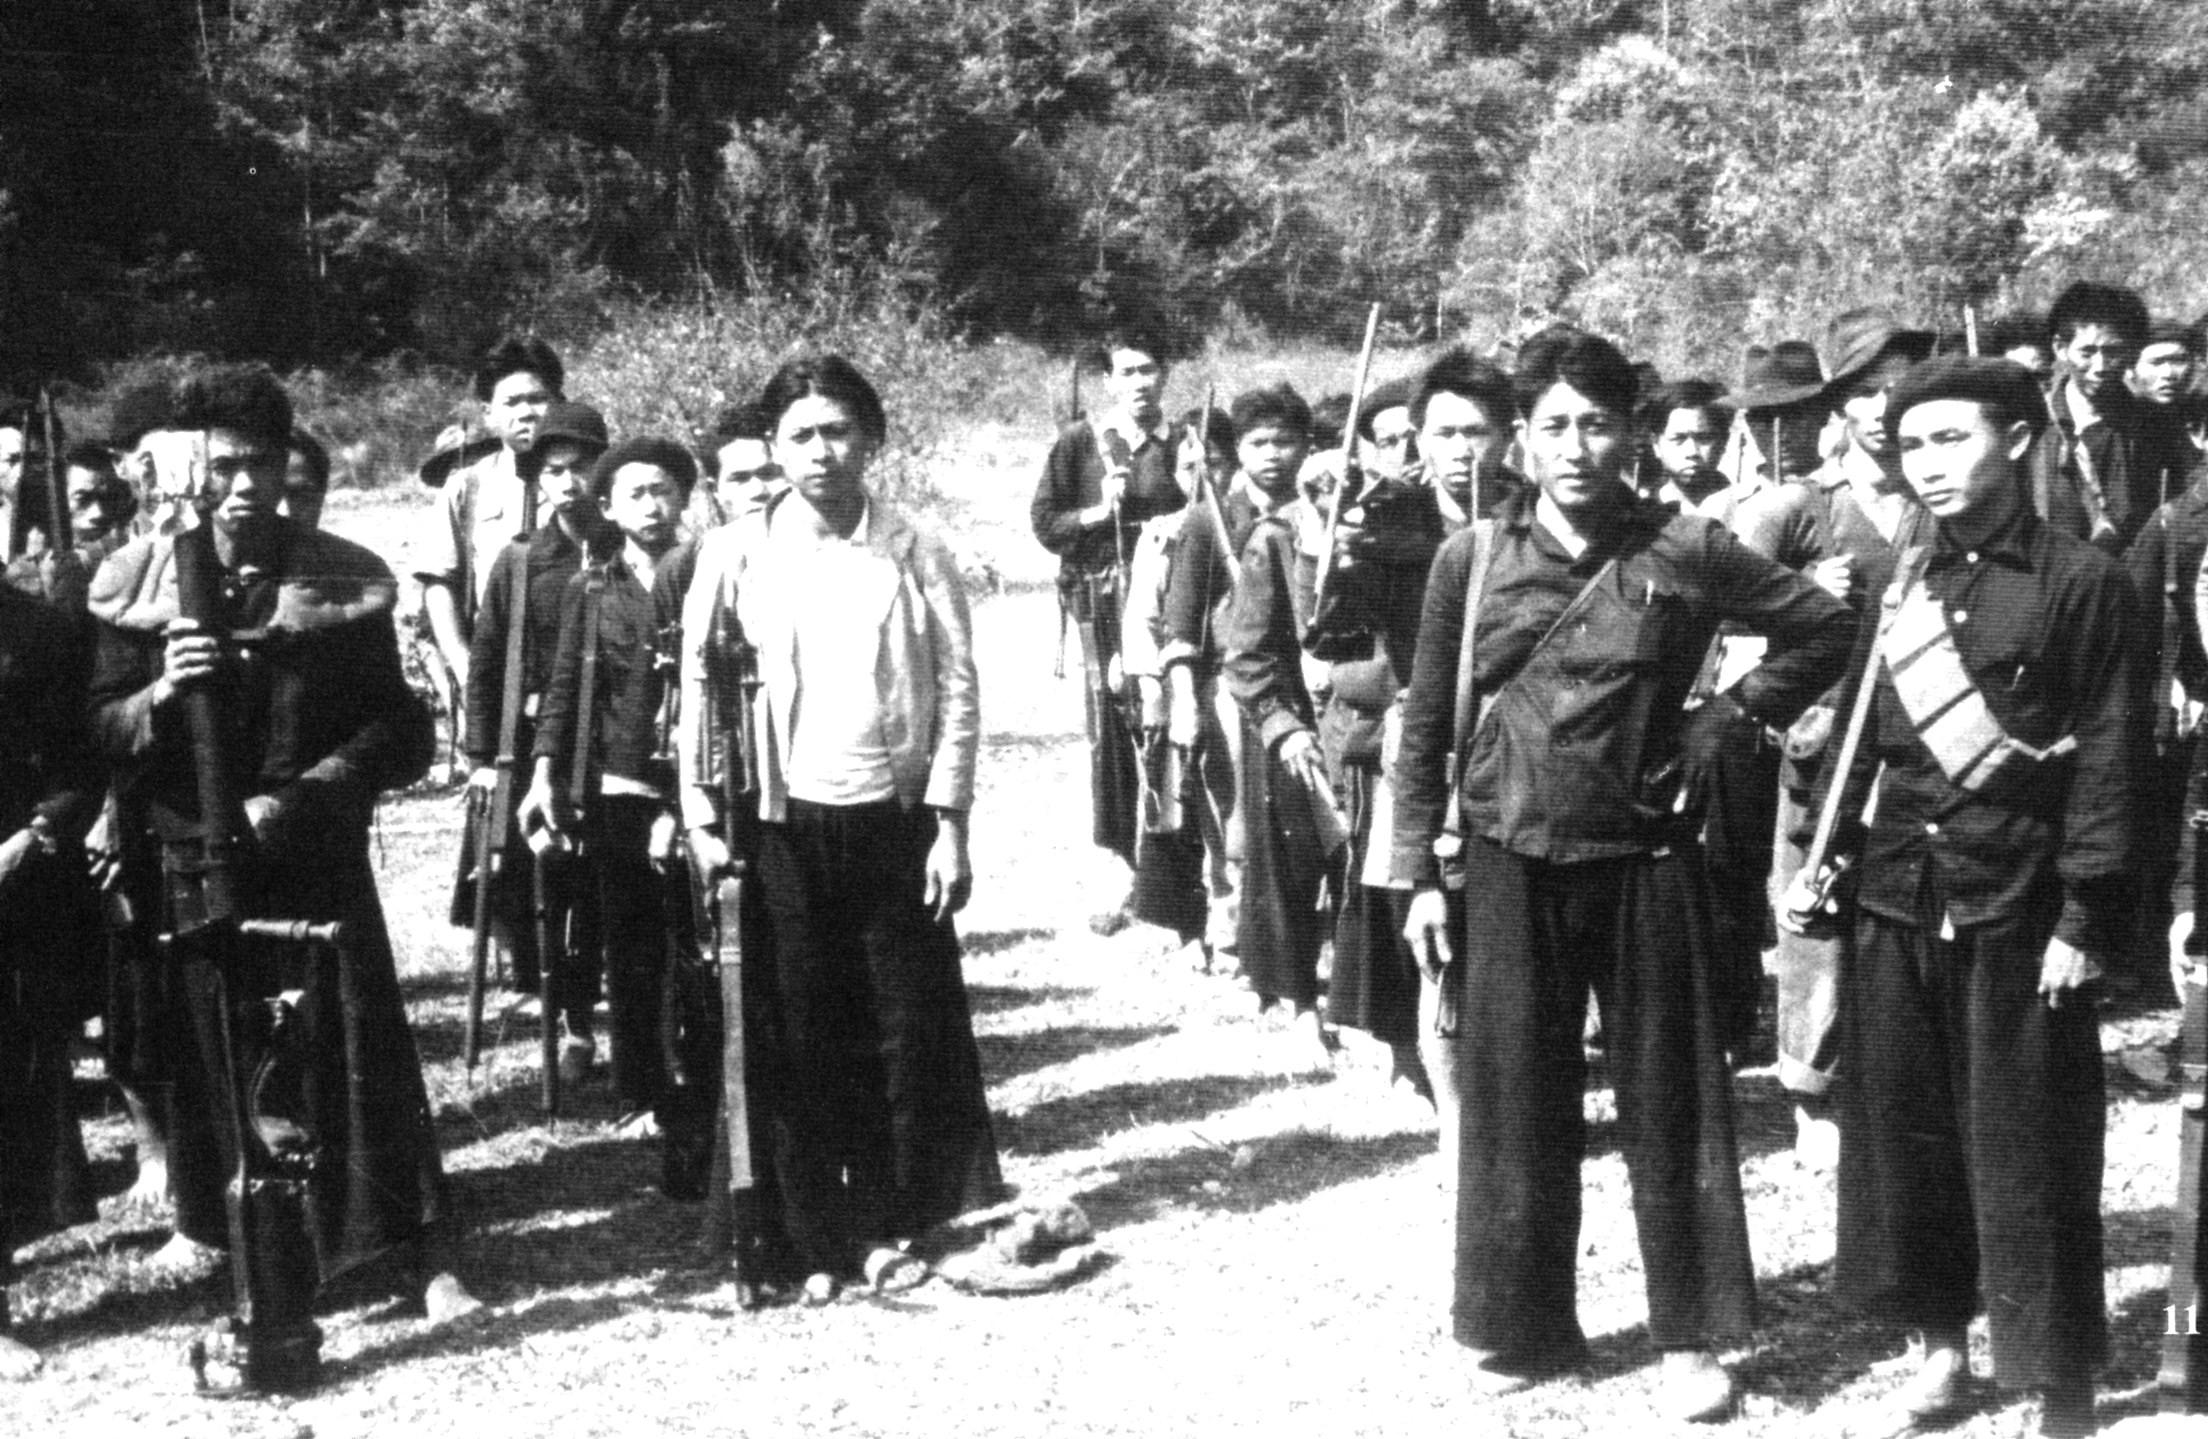 Hmong Auto Defense Choc